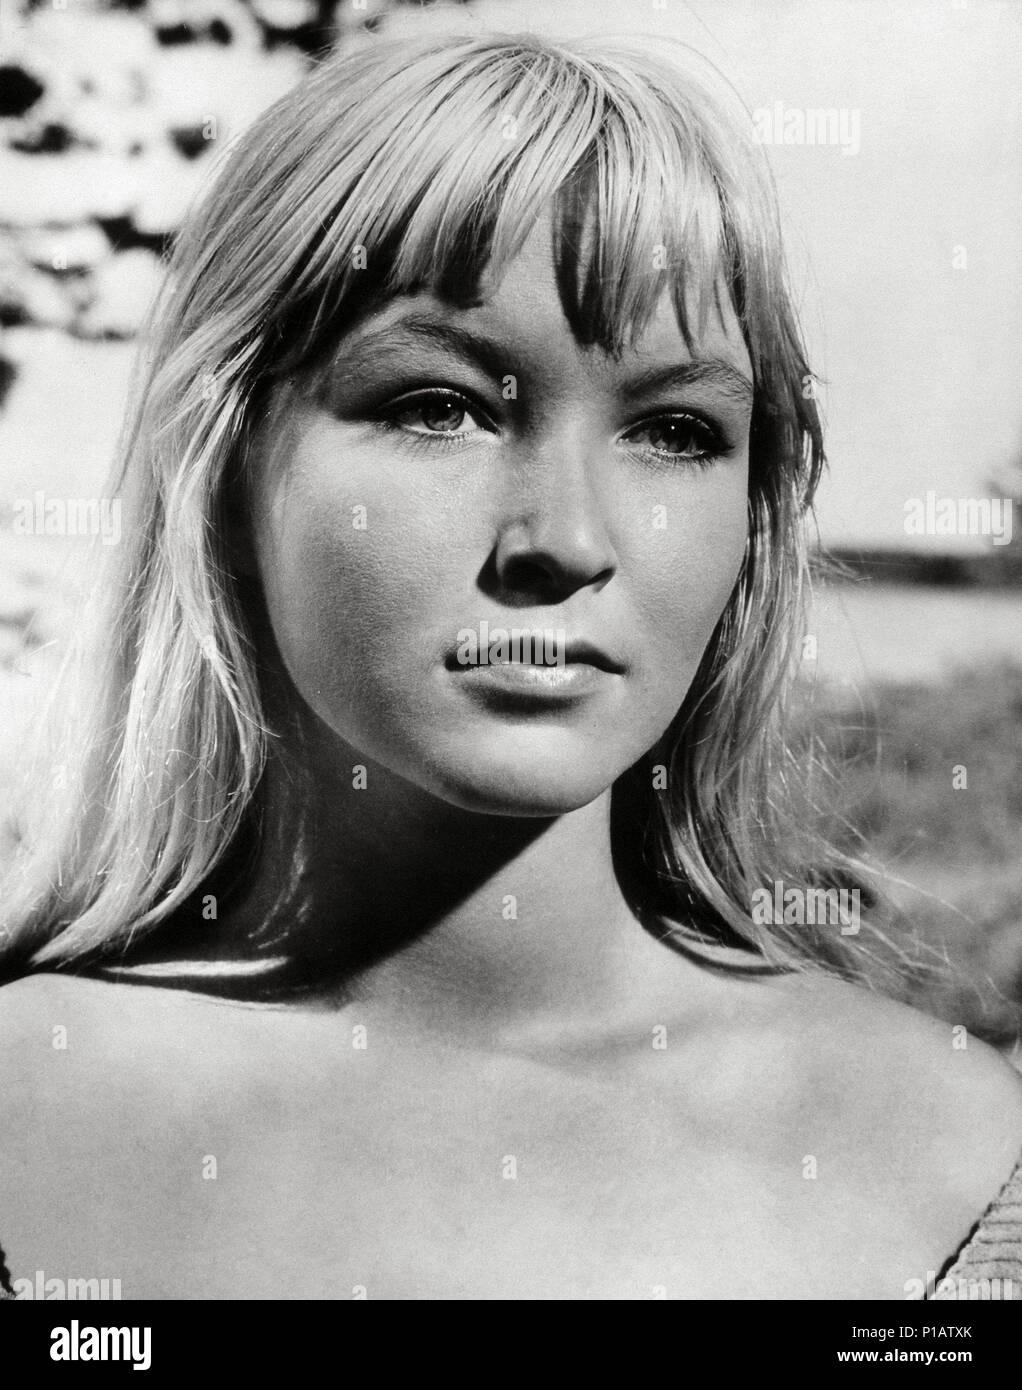 Колдунья (фильм, 1956) Википедия